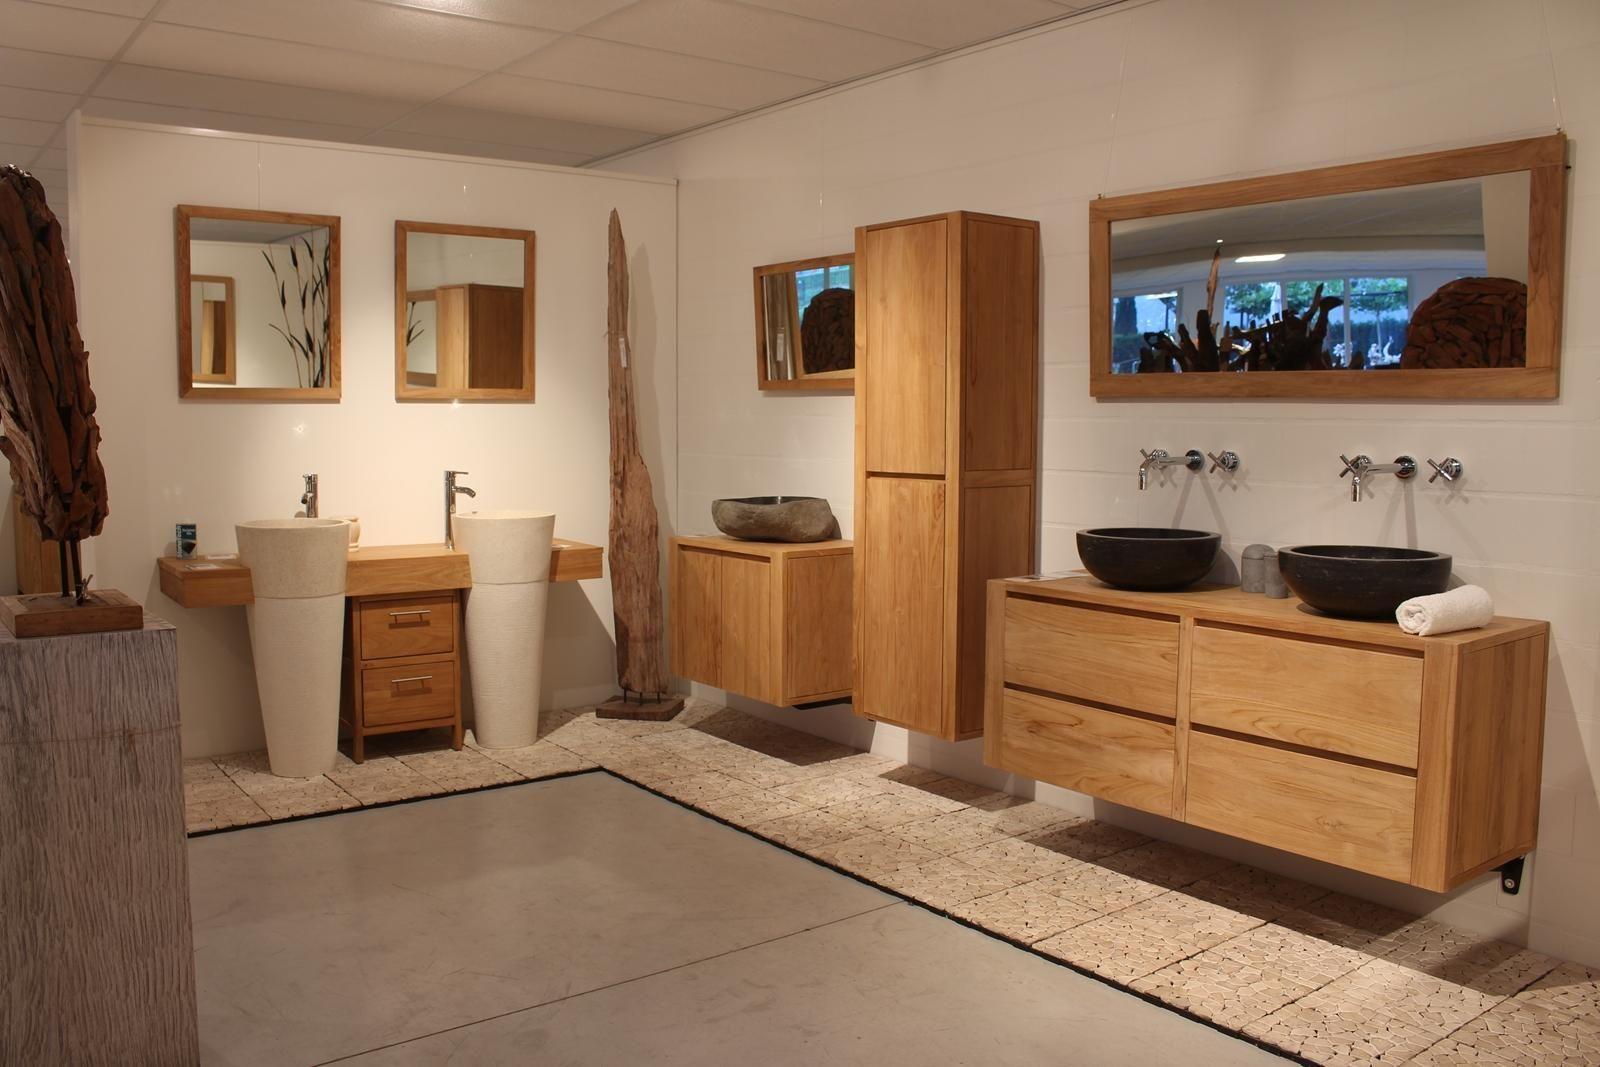 Badkamer Exclusief Someren : Onderscheidende badkamer met een natuurlijke uitstraling